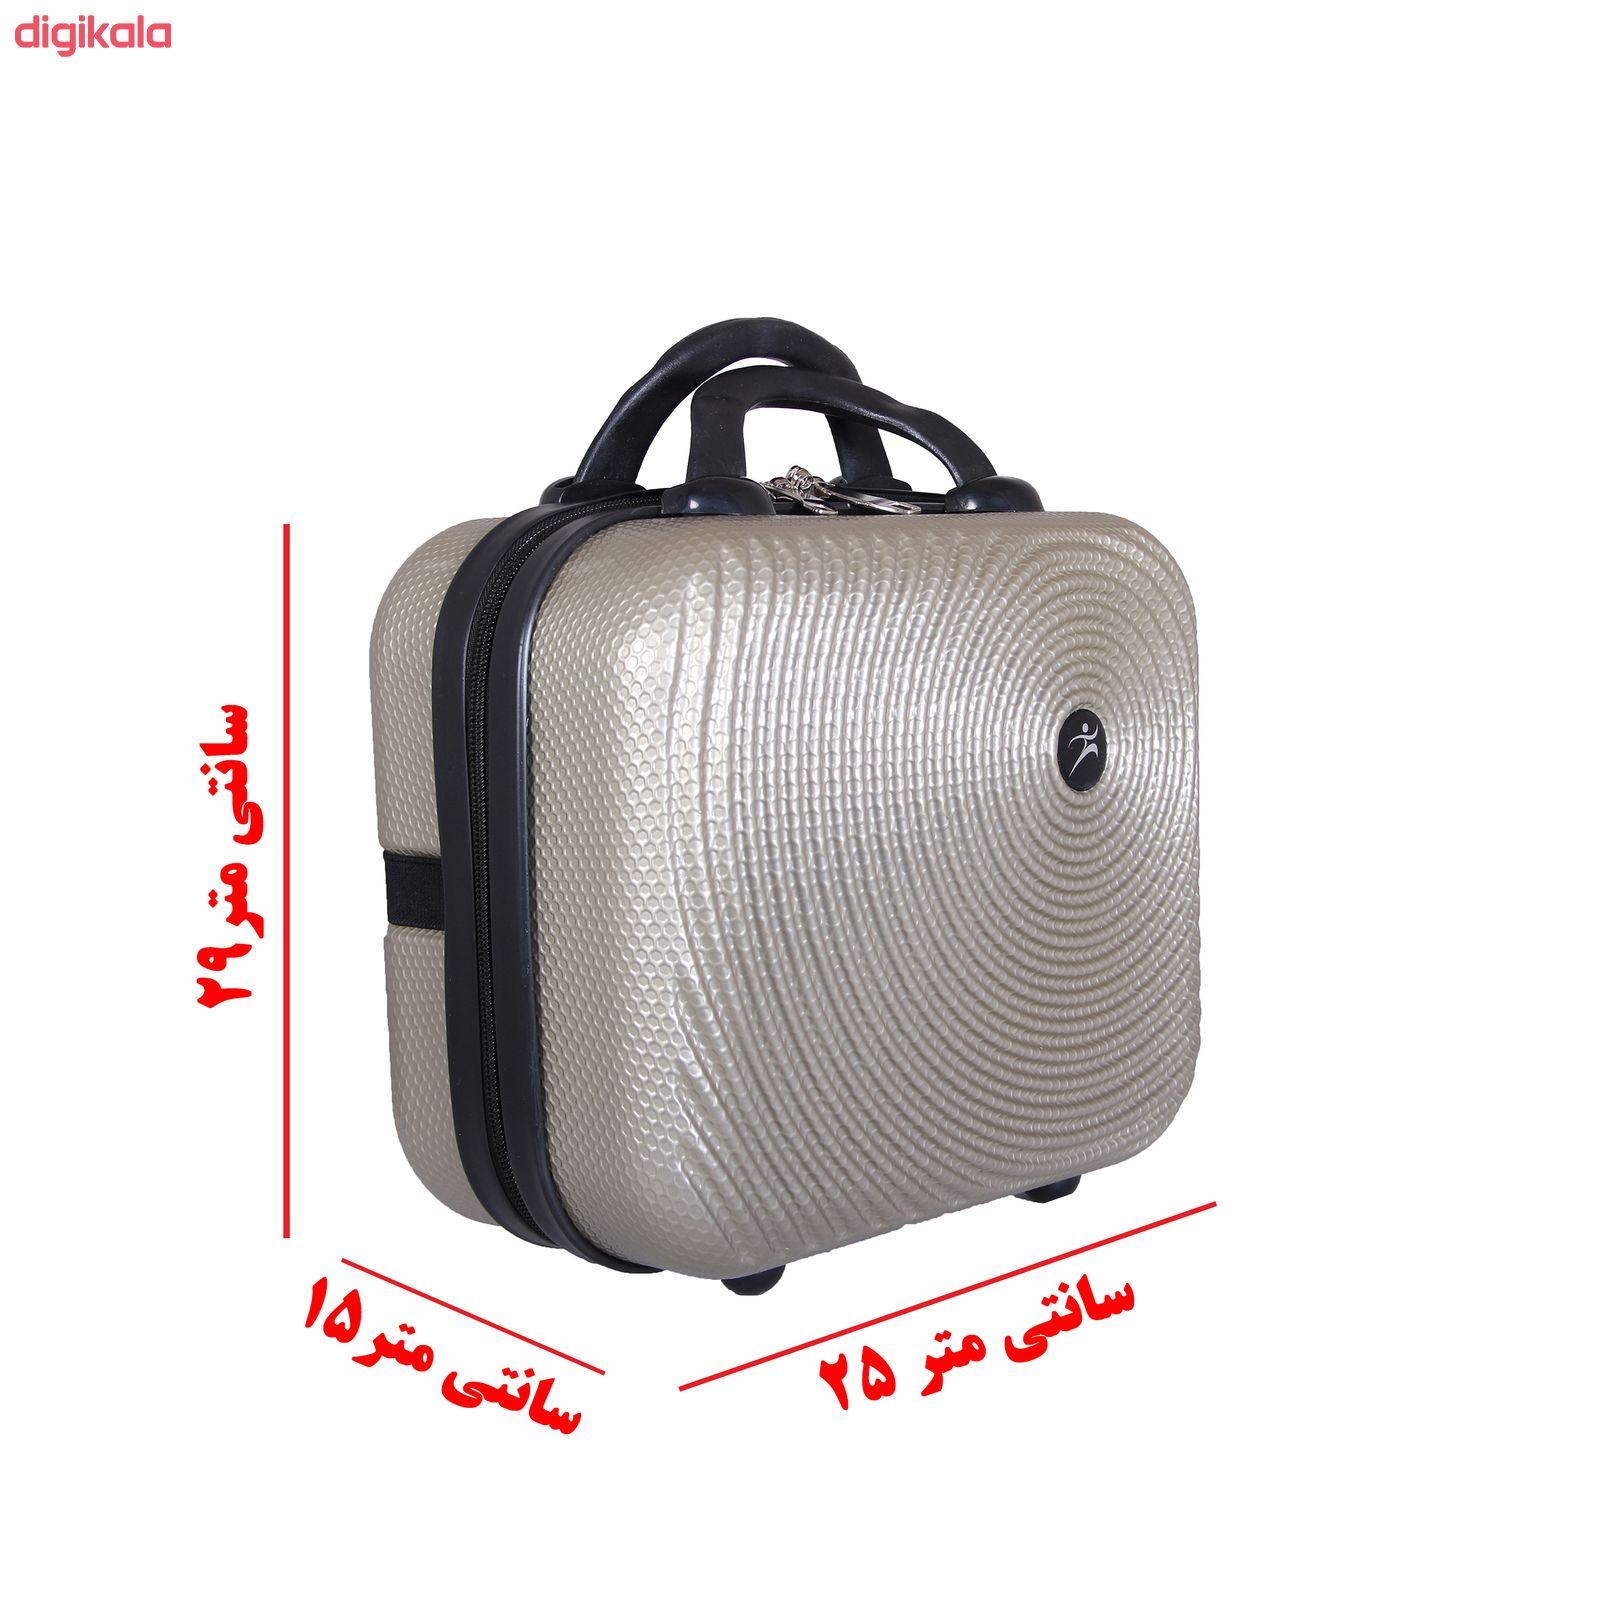 مجموعه چهار عددی چمدان اسپرت من مدل NS001 main 1 44